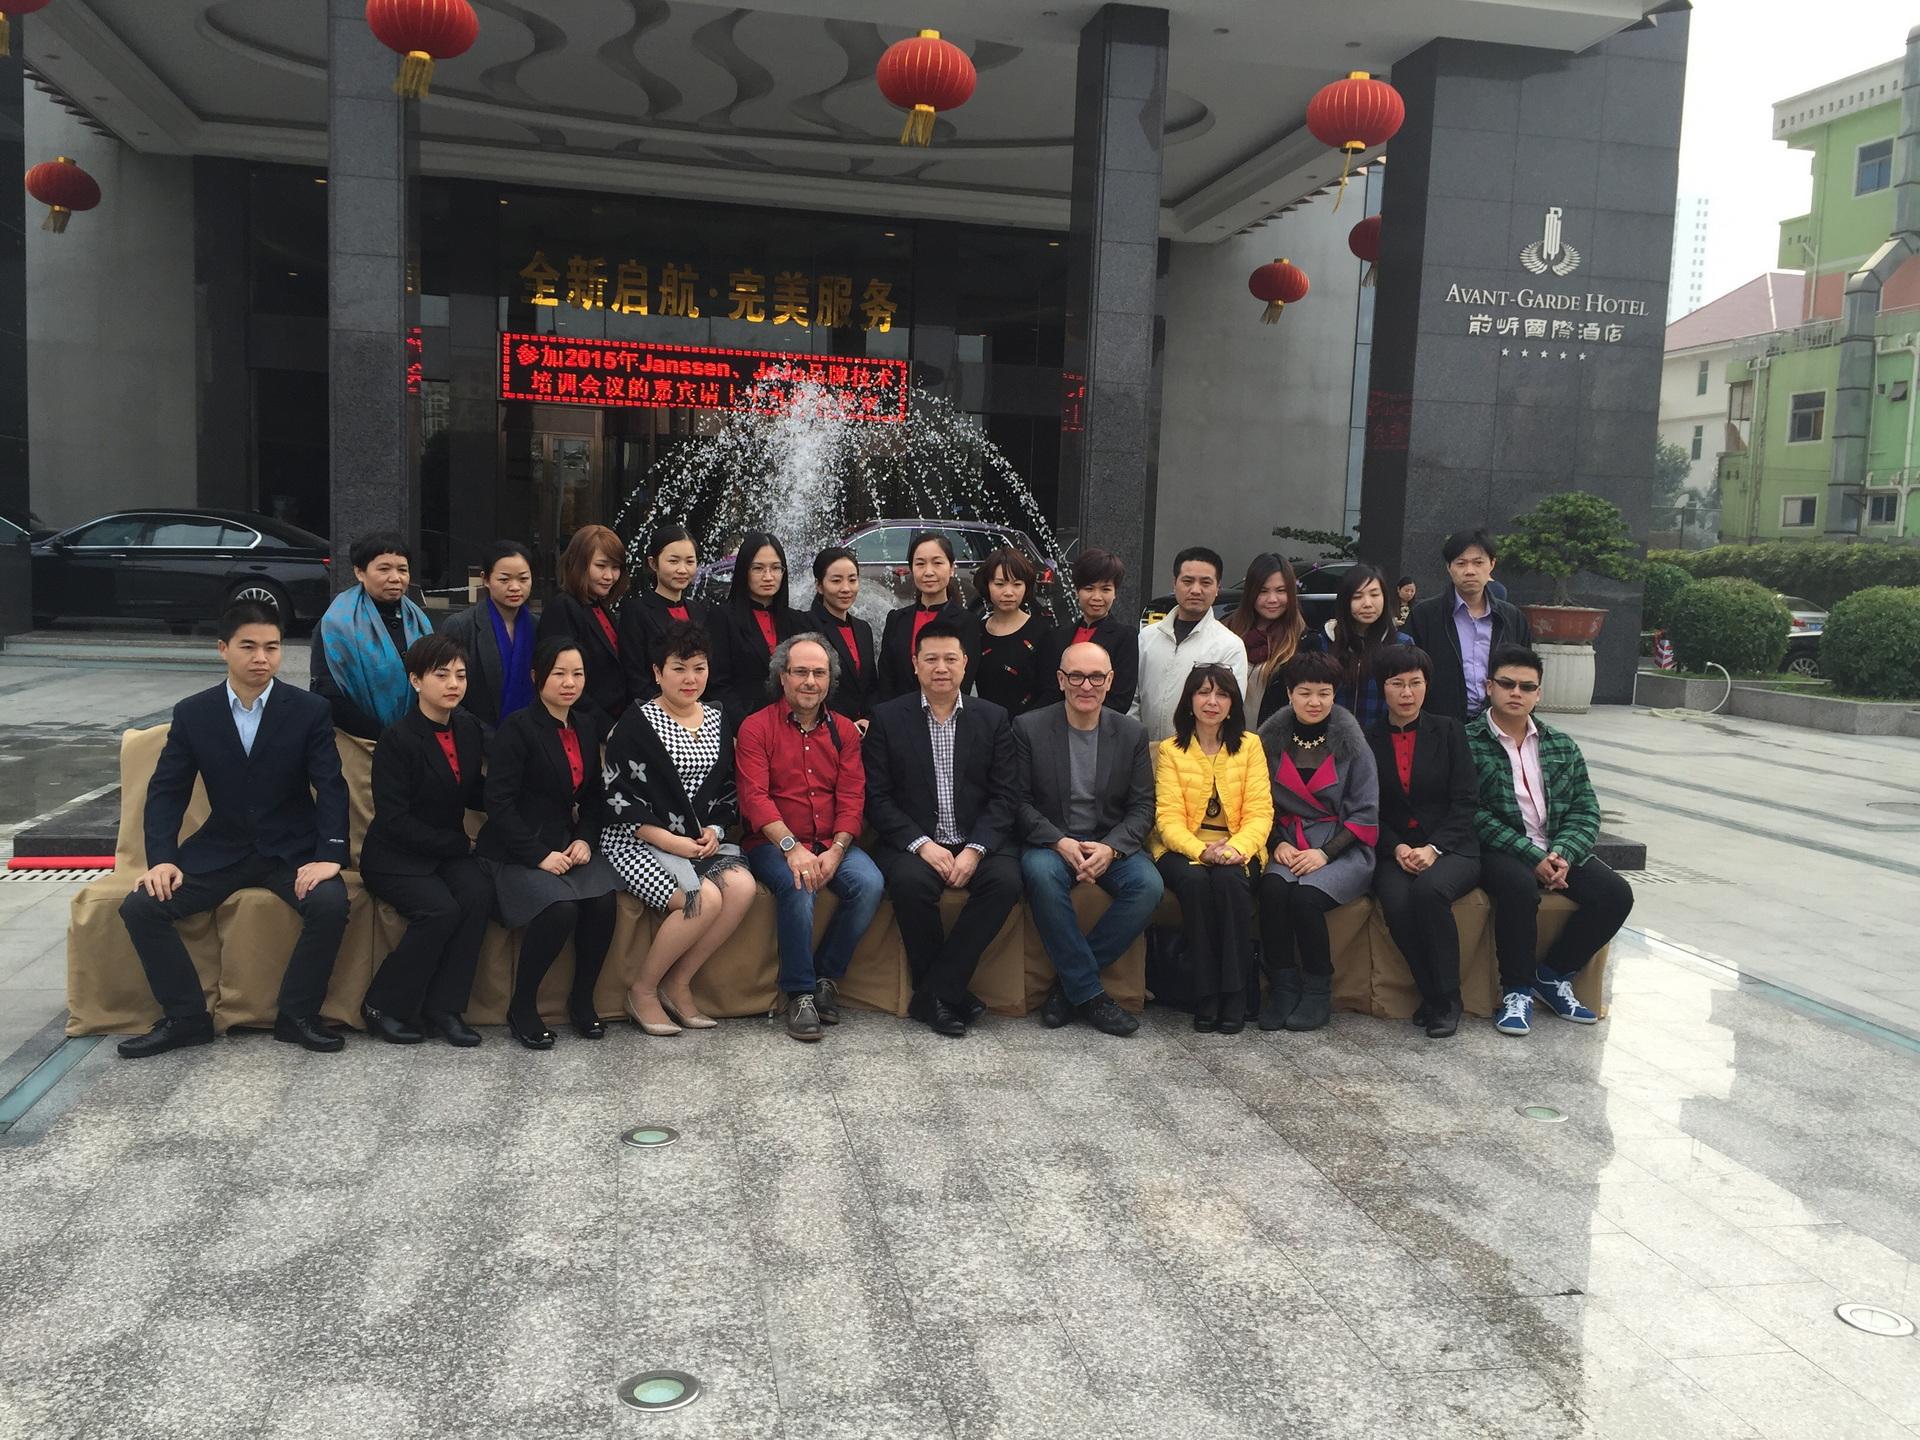 Schulung von Renate in Shenzhen 2016